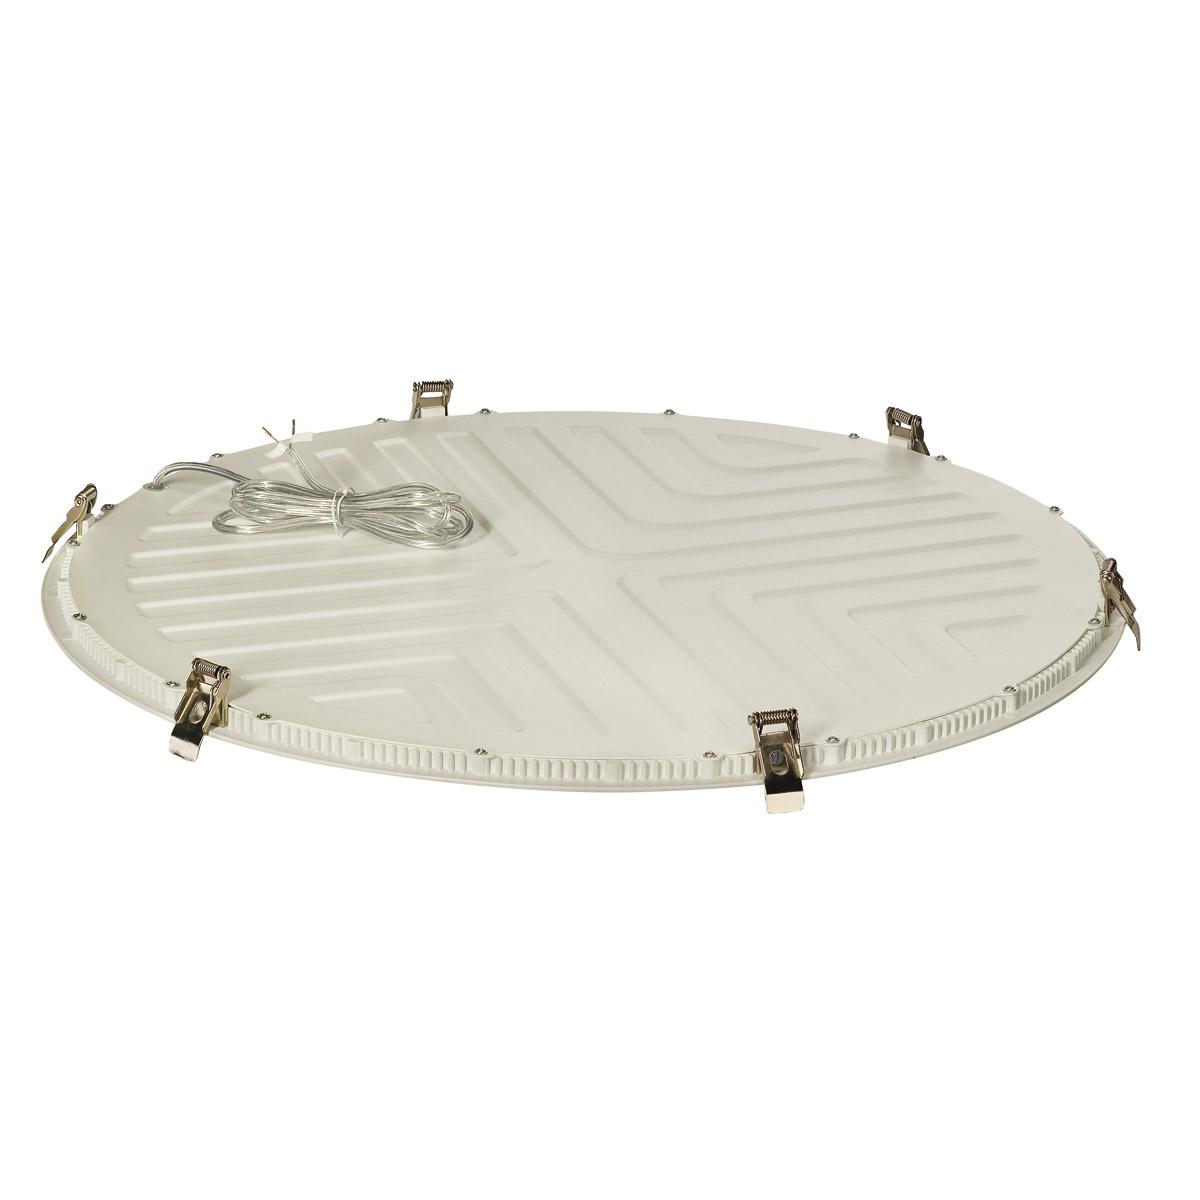 LED PANEL ROUND 60, 4000K, round, matt white